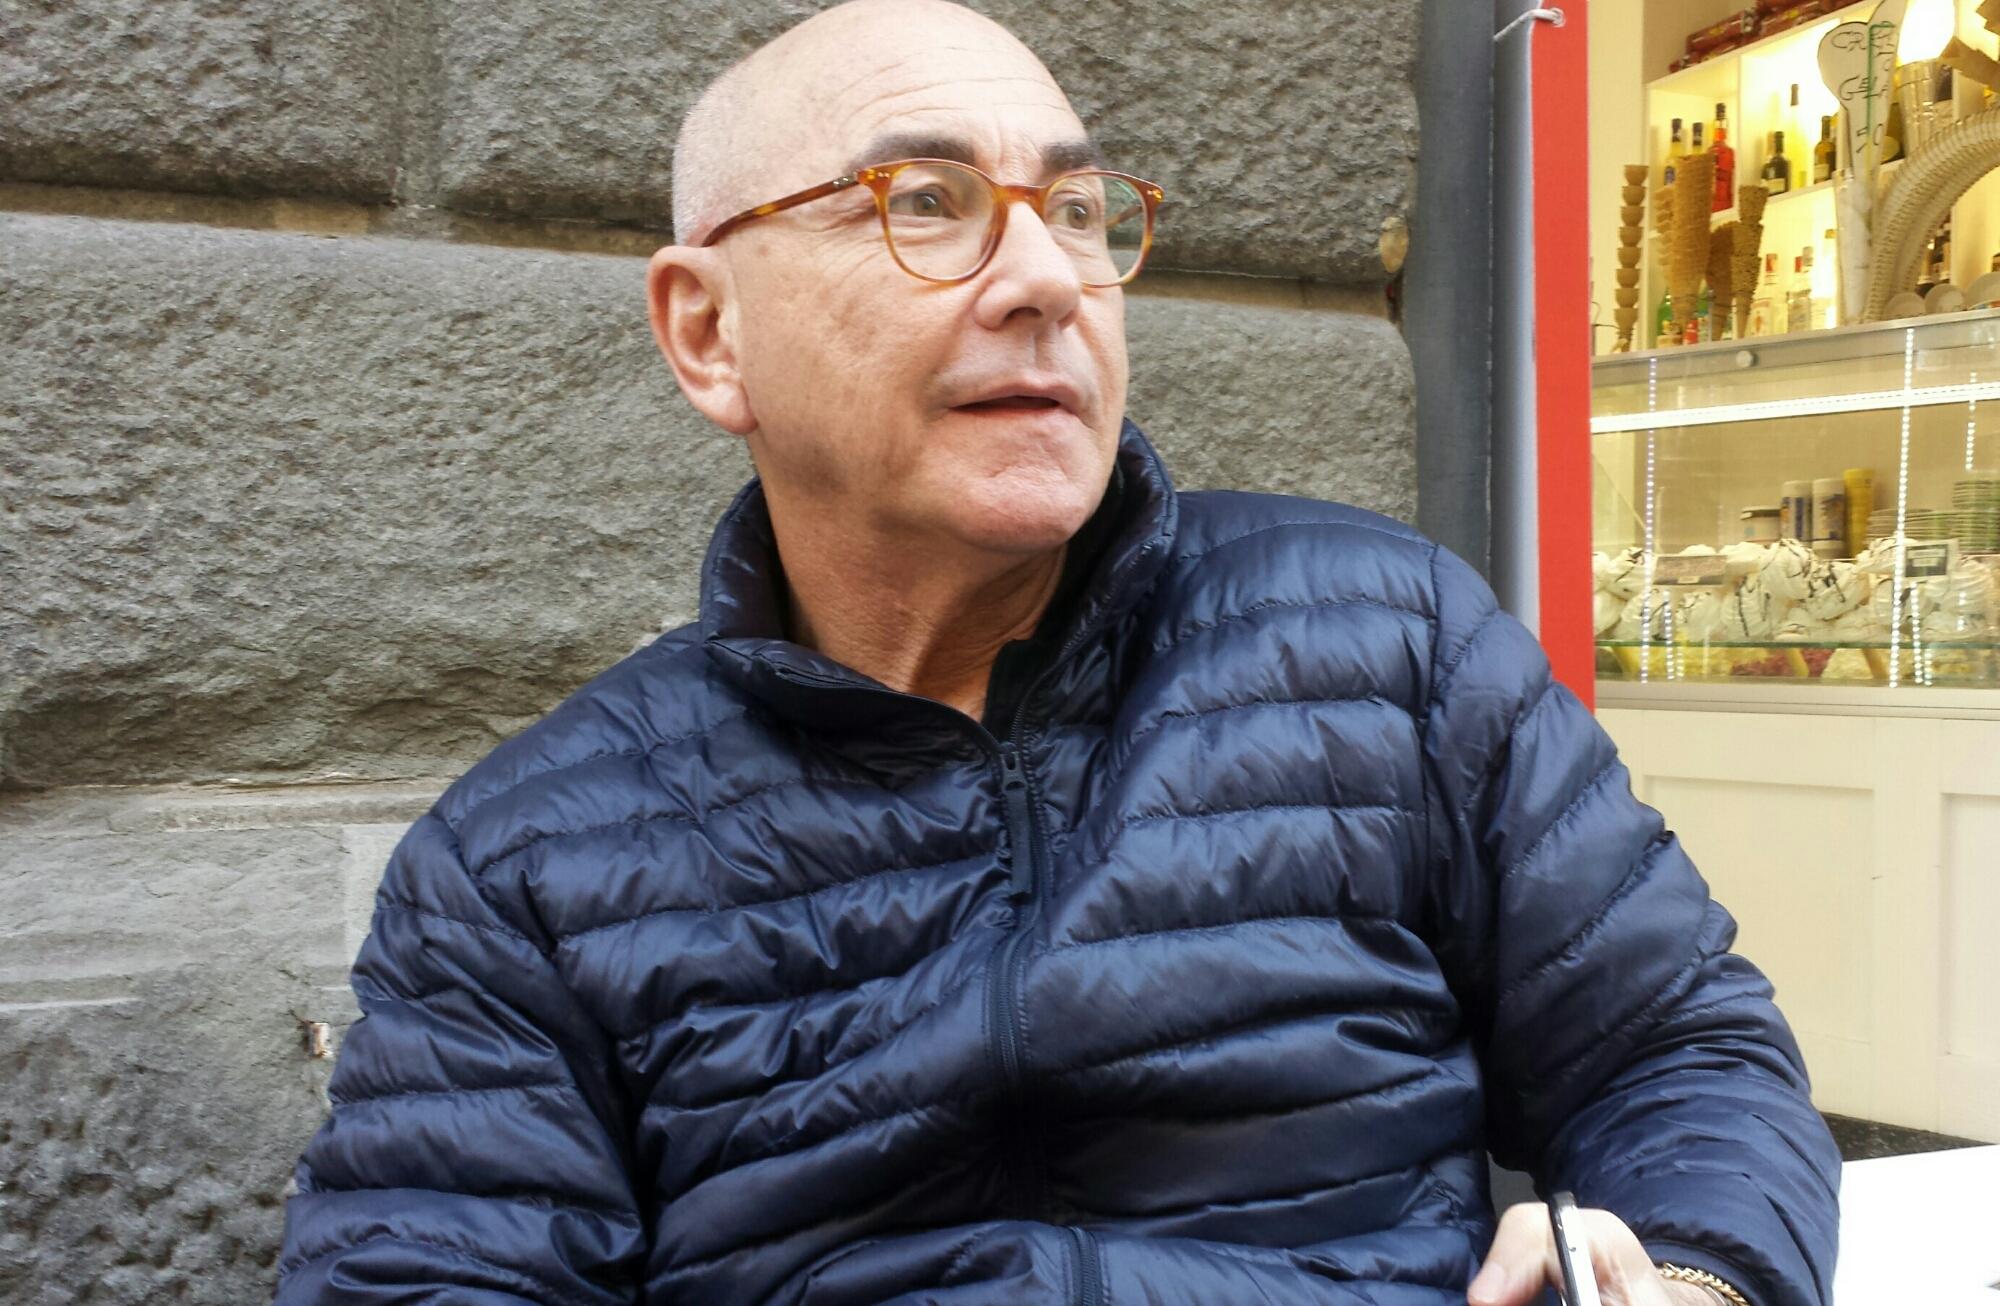 """Bucchioni: """"A Cagliari inutile sbilanciarsi, loro punteranno sull'entusiasmo, che però rischia di essere esagerato"""""""